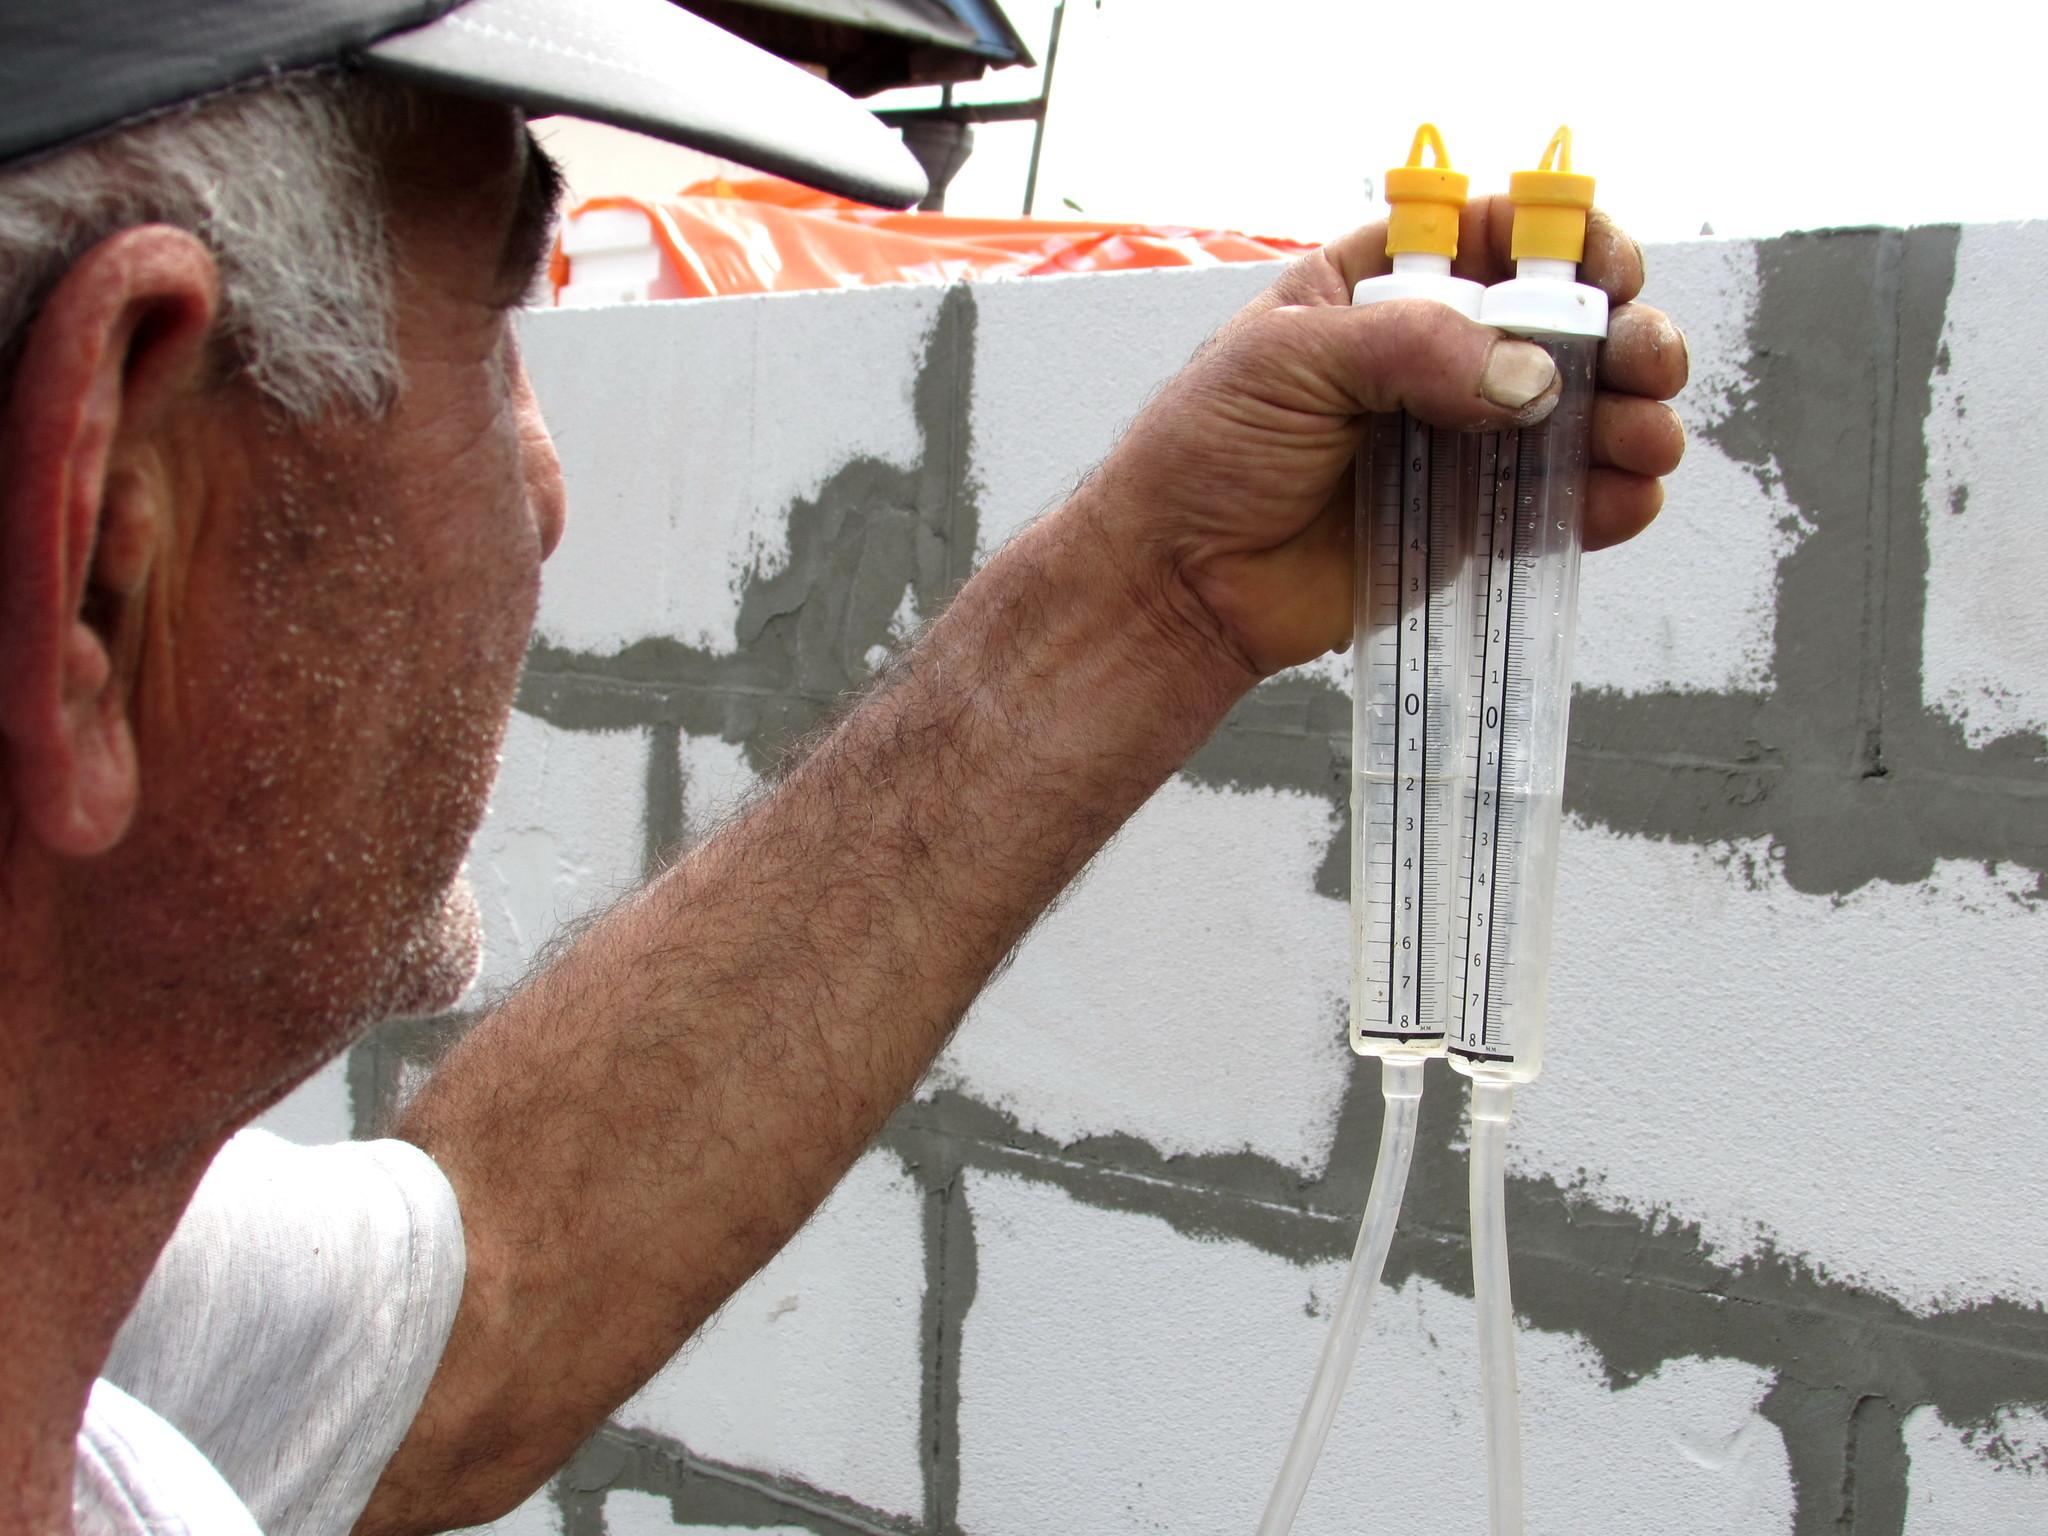 Строительный гидроуровень как пользоваться водяным жидким уровнем Принцип работы и выбор